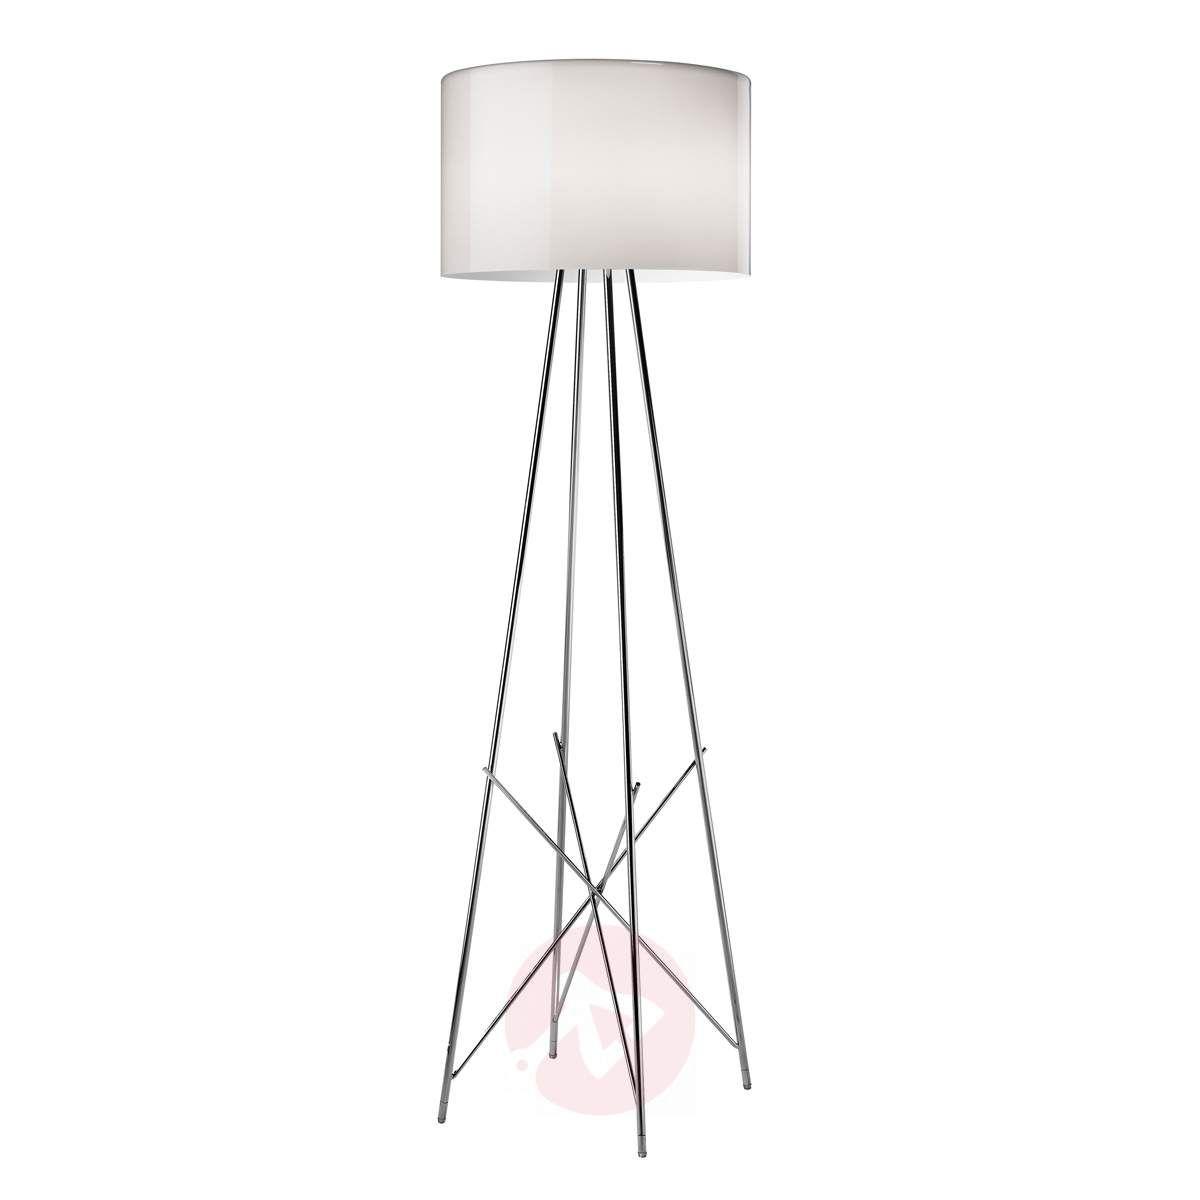 Lampa Stojąca Ray F1 Ze Szklanym Kloszem W 2019 Lampy